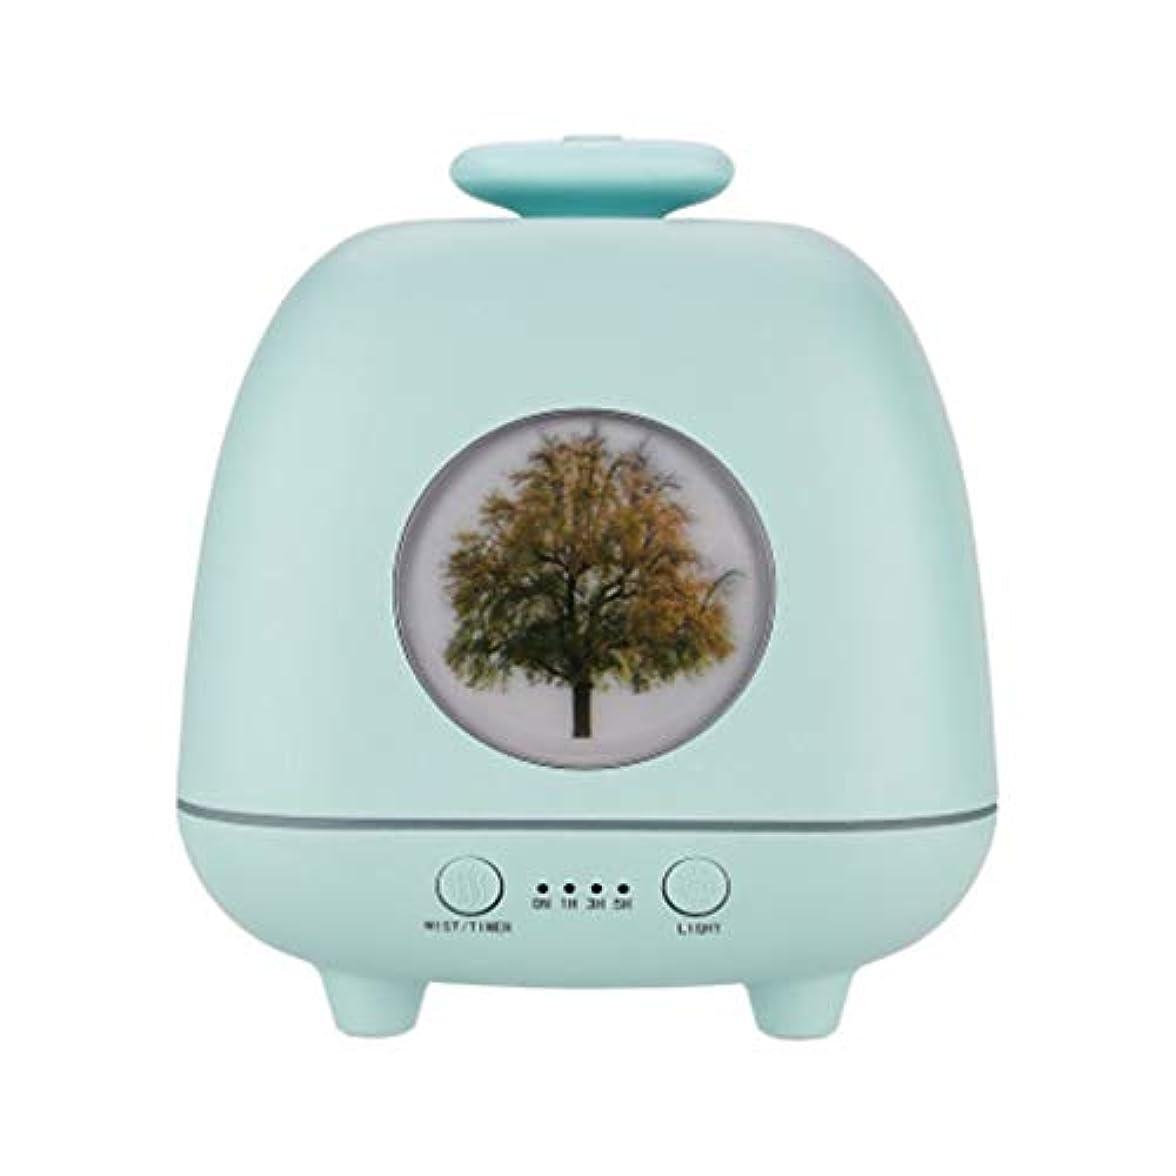 昆虫スイッチアサー超音波ホームデスクトップクリエイティブ雰囲気ナイトライト加湿器寝室の赤ちゃん女性の家の装飾 (Color : Green)